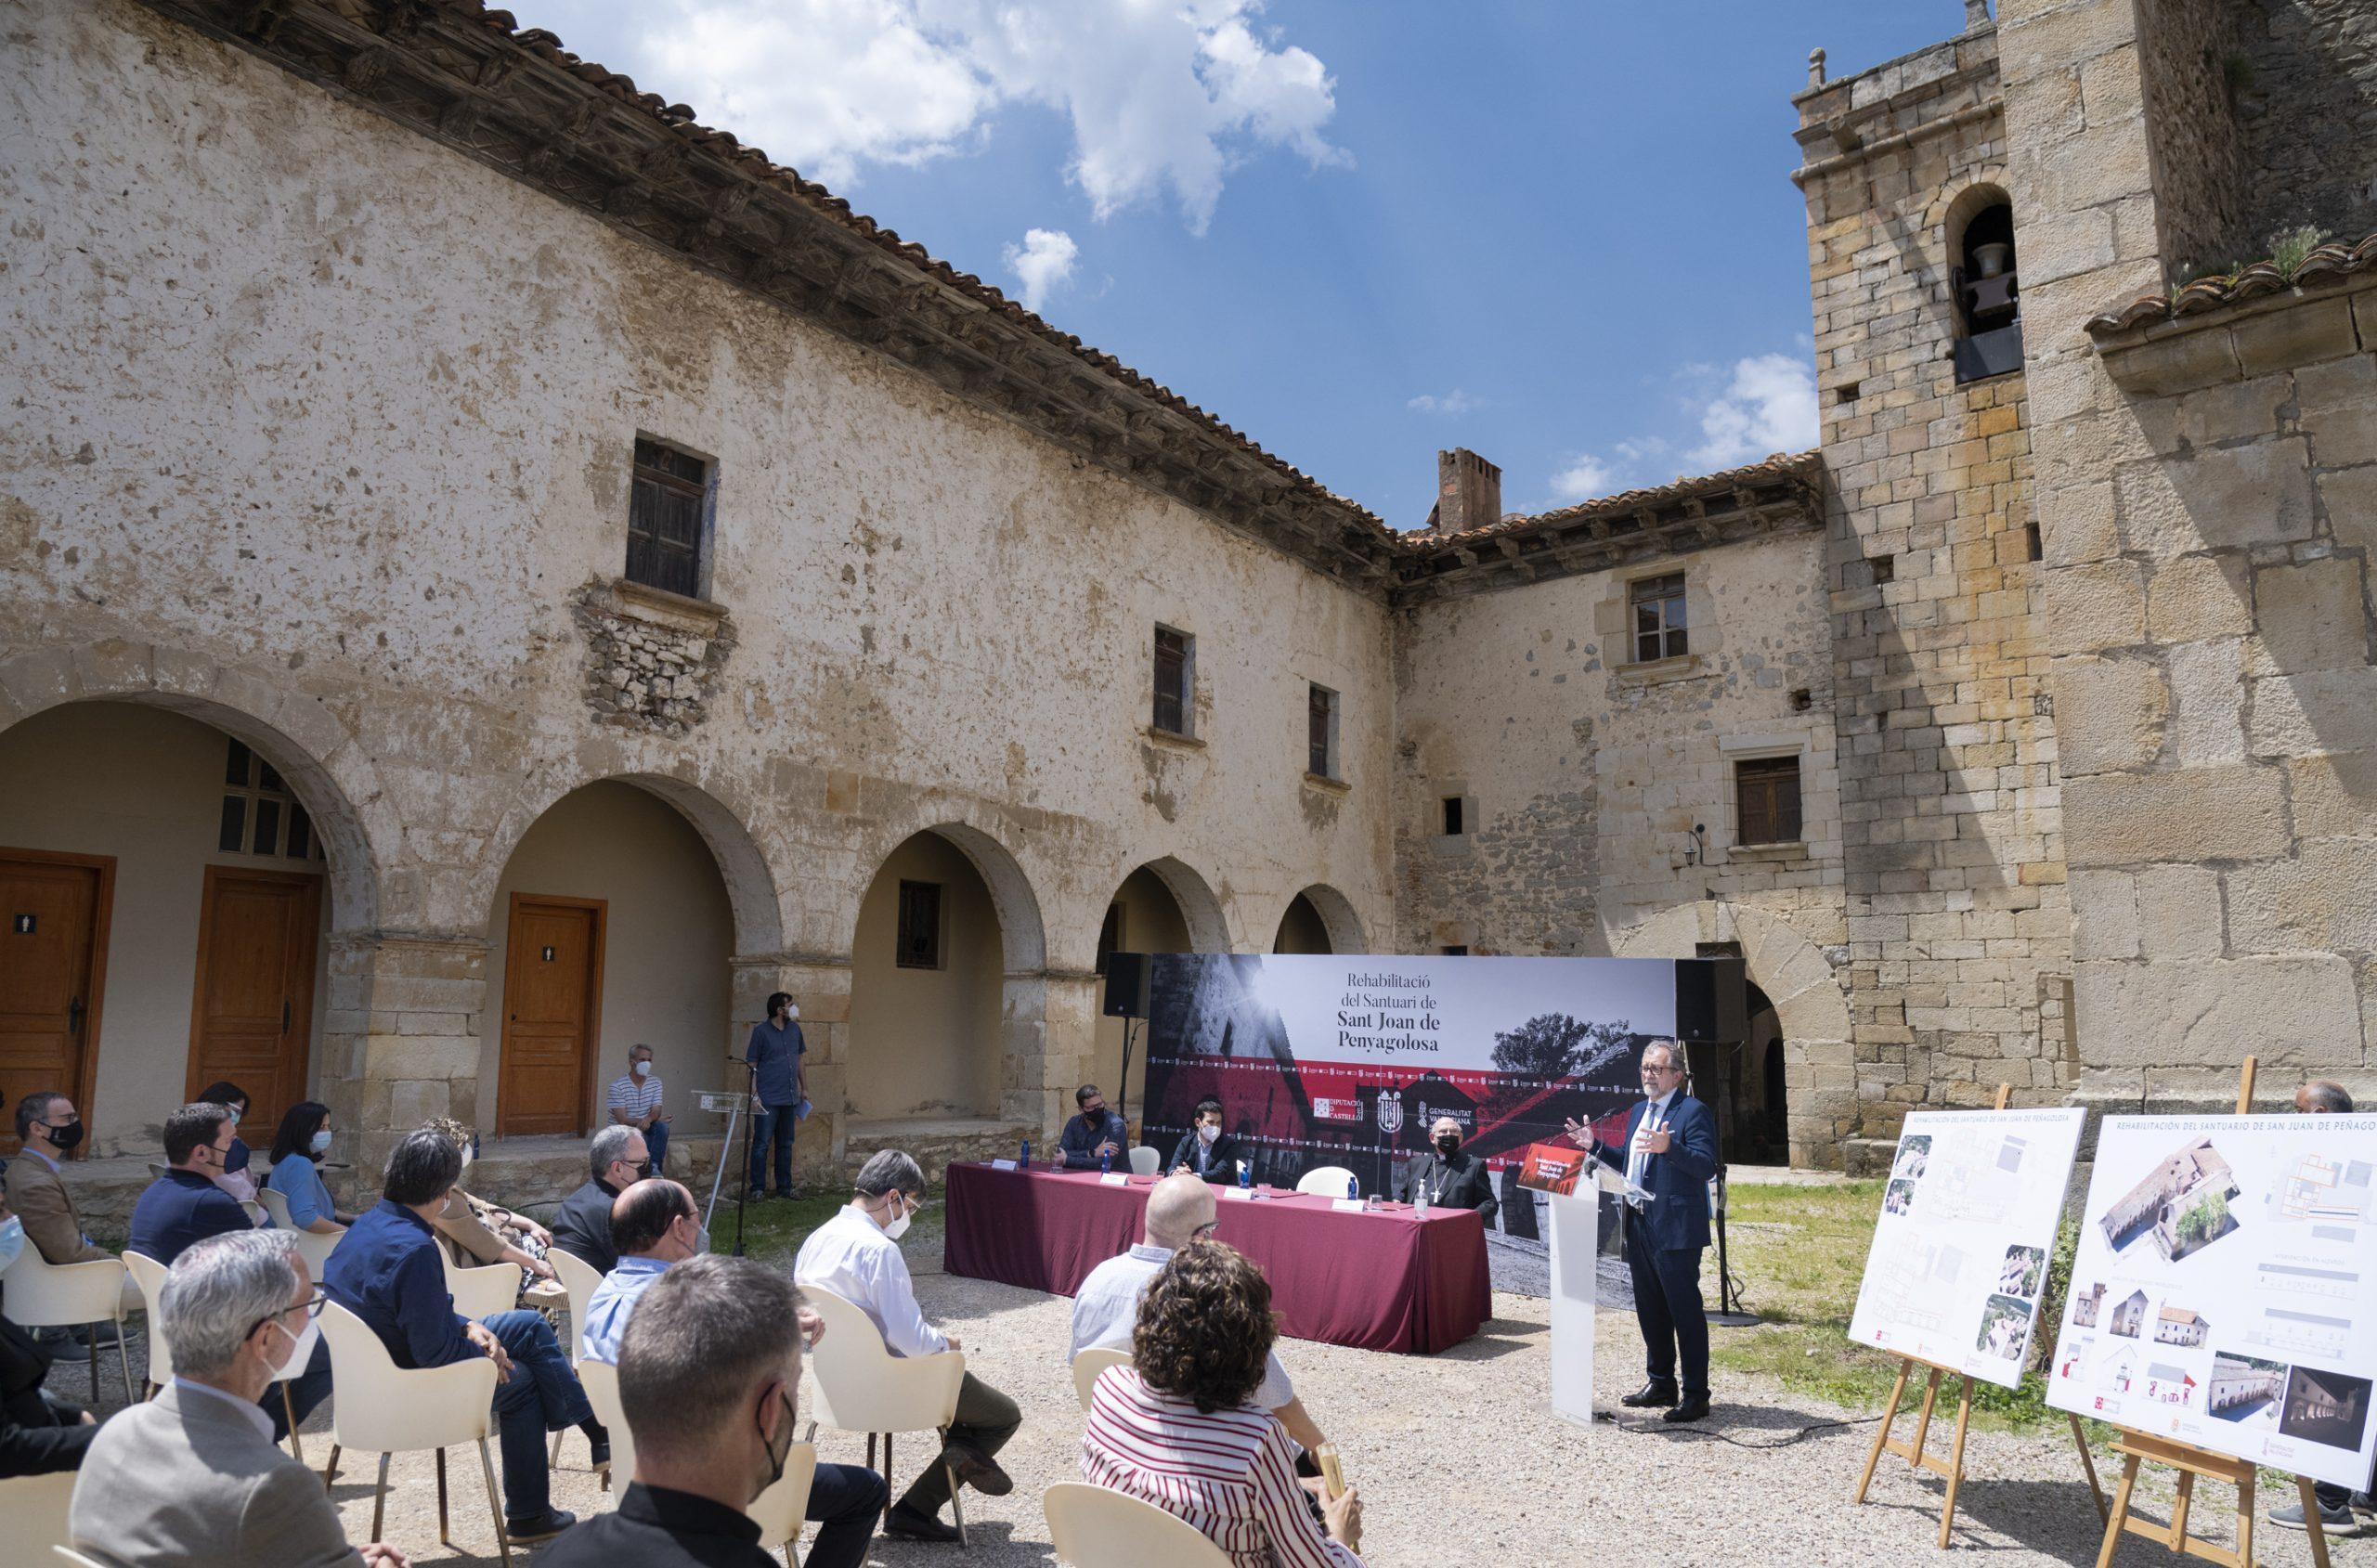 La Diputación de Castellón, la Conselleria de Cultura y el Obispado rubrican en Sant Joan de Penyagolosa el convenio para rehabilitar el santuario